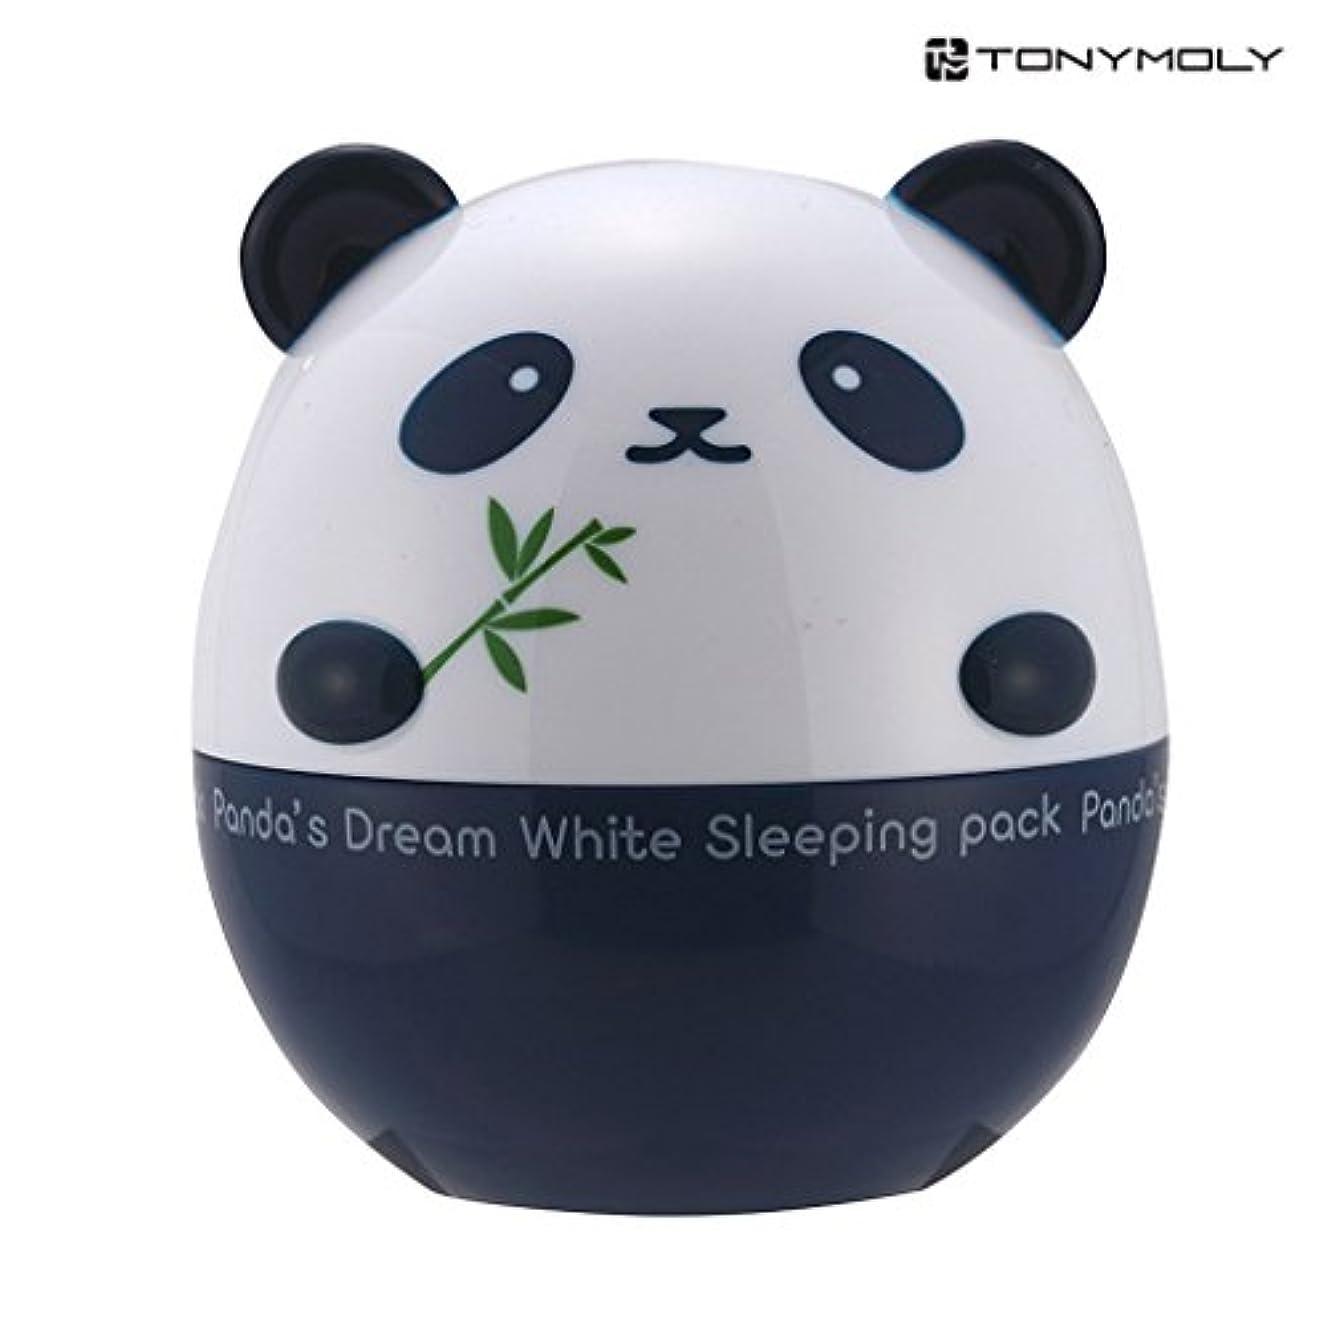 るかどうか世紀TonyMoly トニーモリー パンダズ?ドリーム?ホワイト?スリーピング?パック 50g (Panda`s Dream White Sleeping Pack) 海外直送品